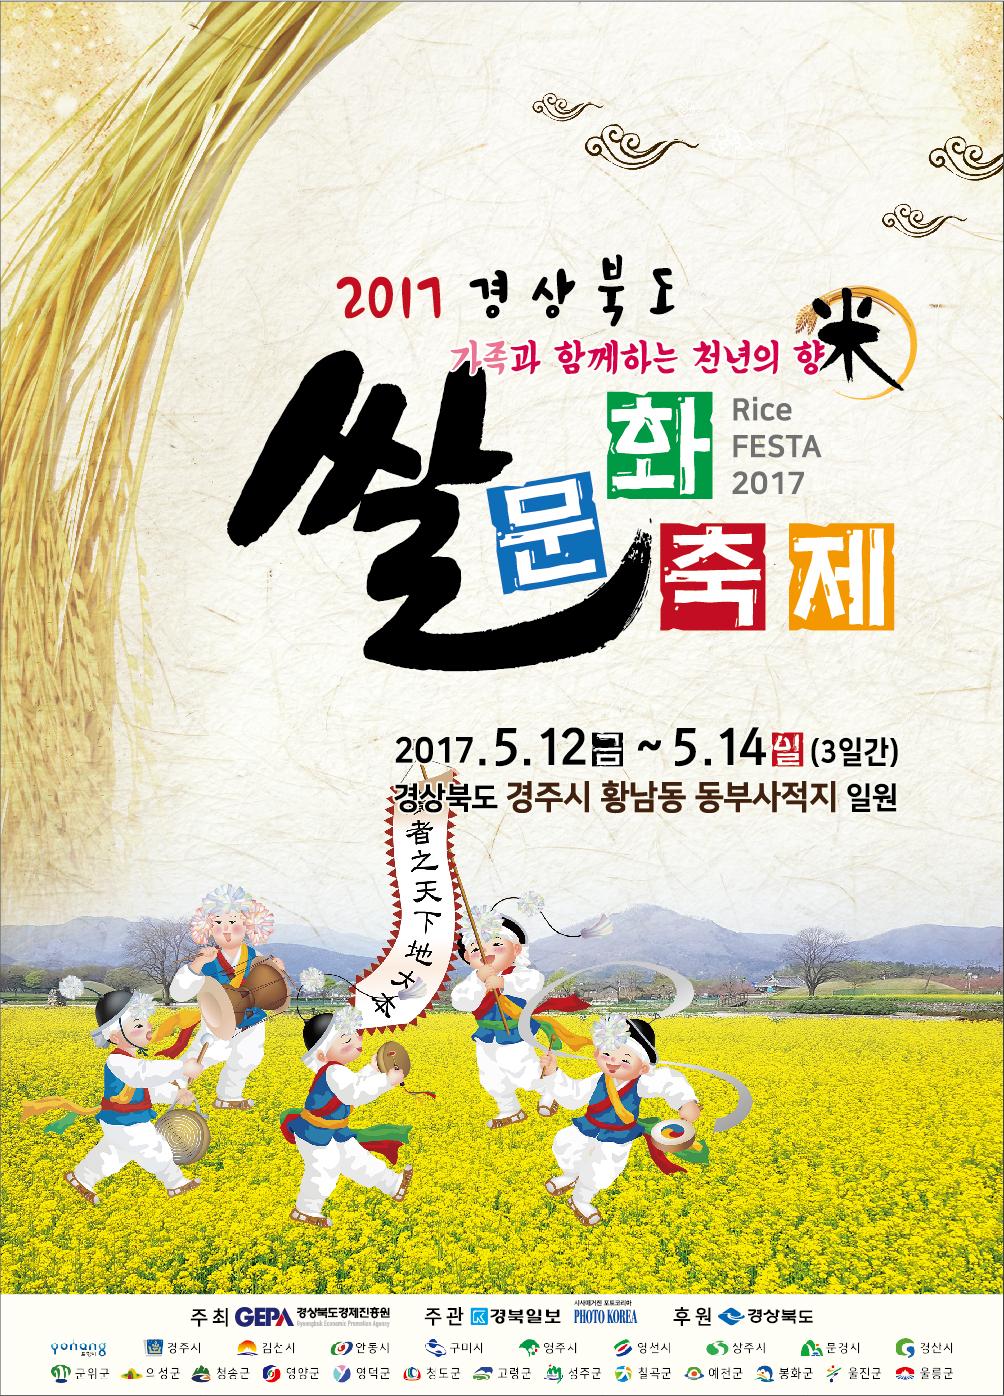 2017_경상북도 쌀문화축제_pop_R3.png